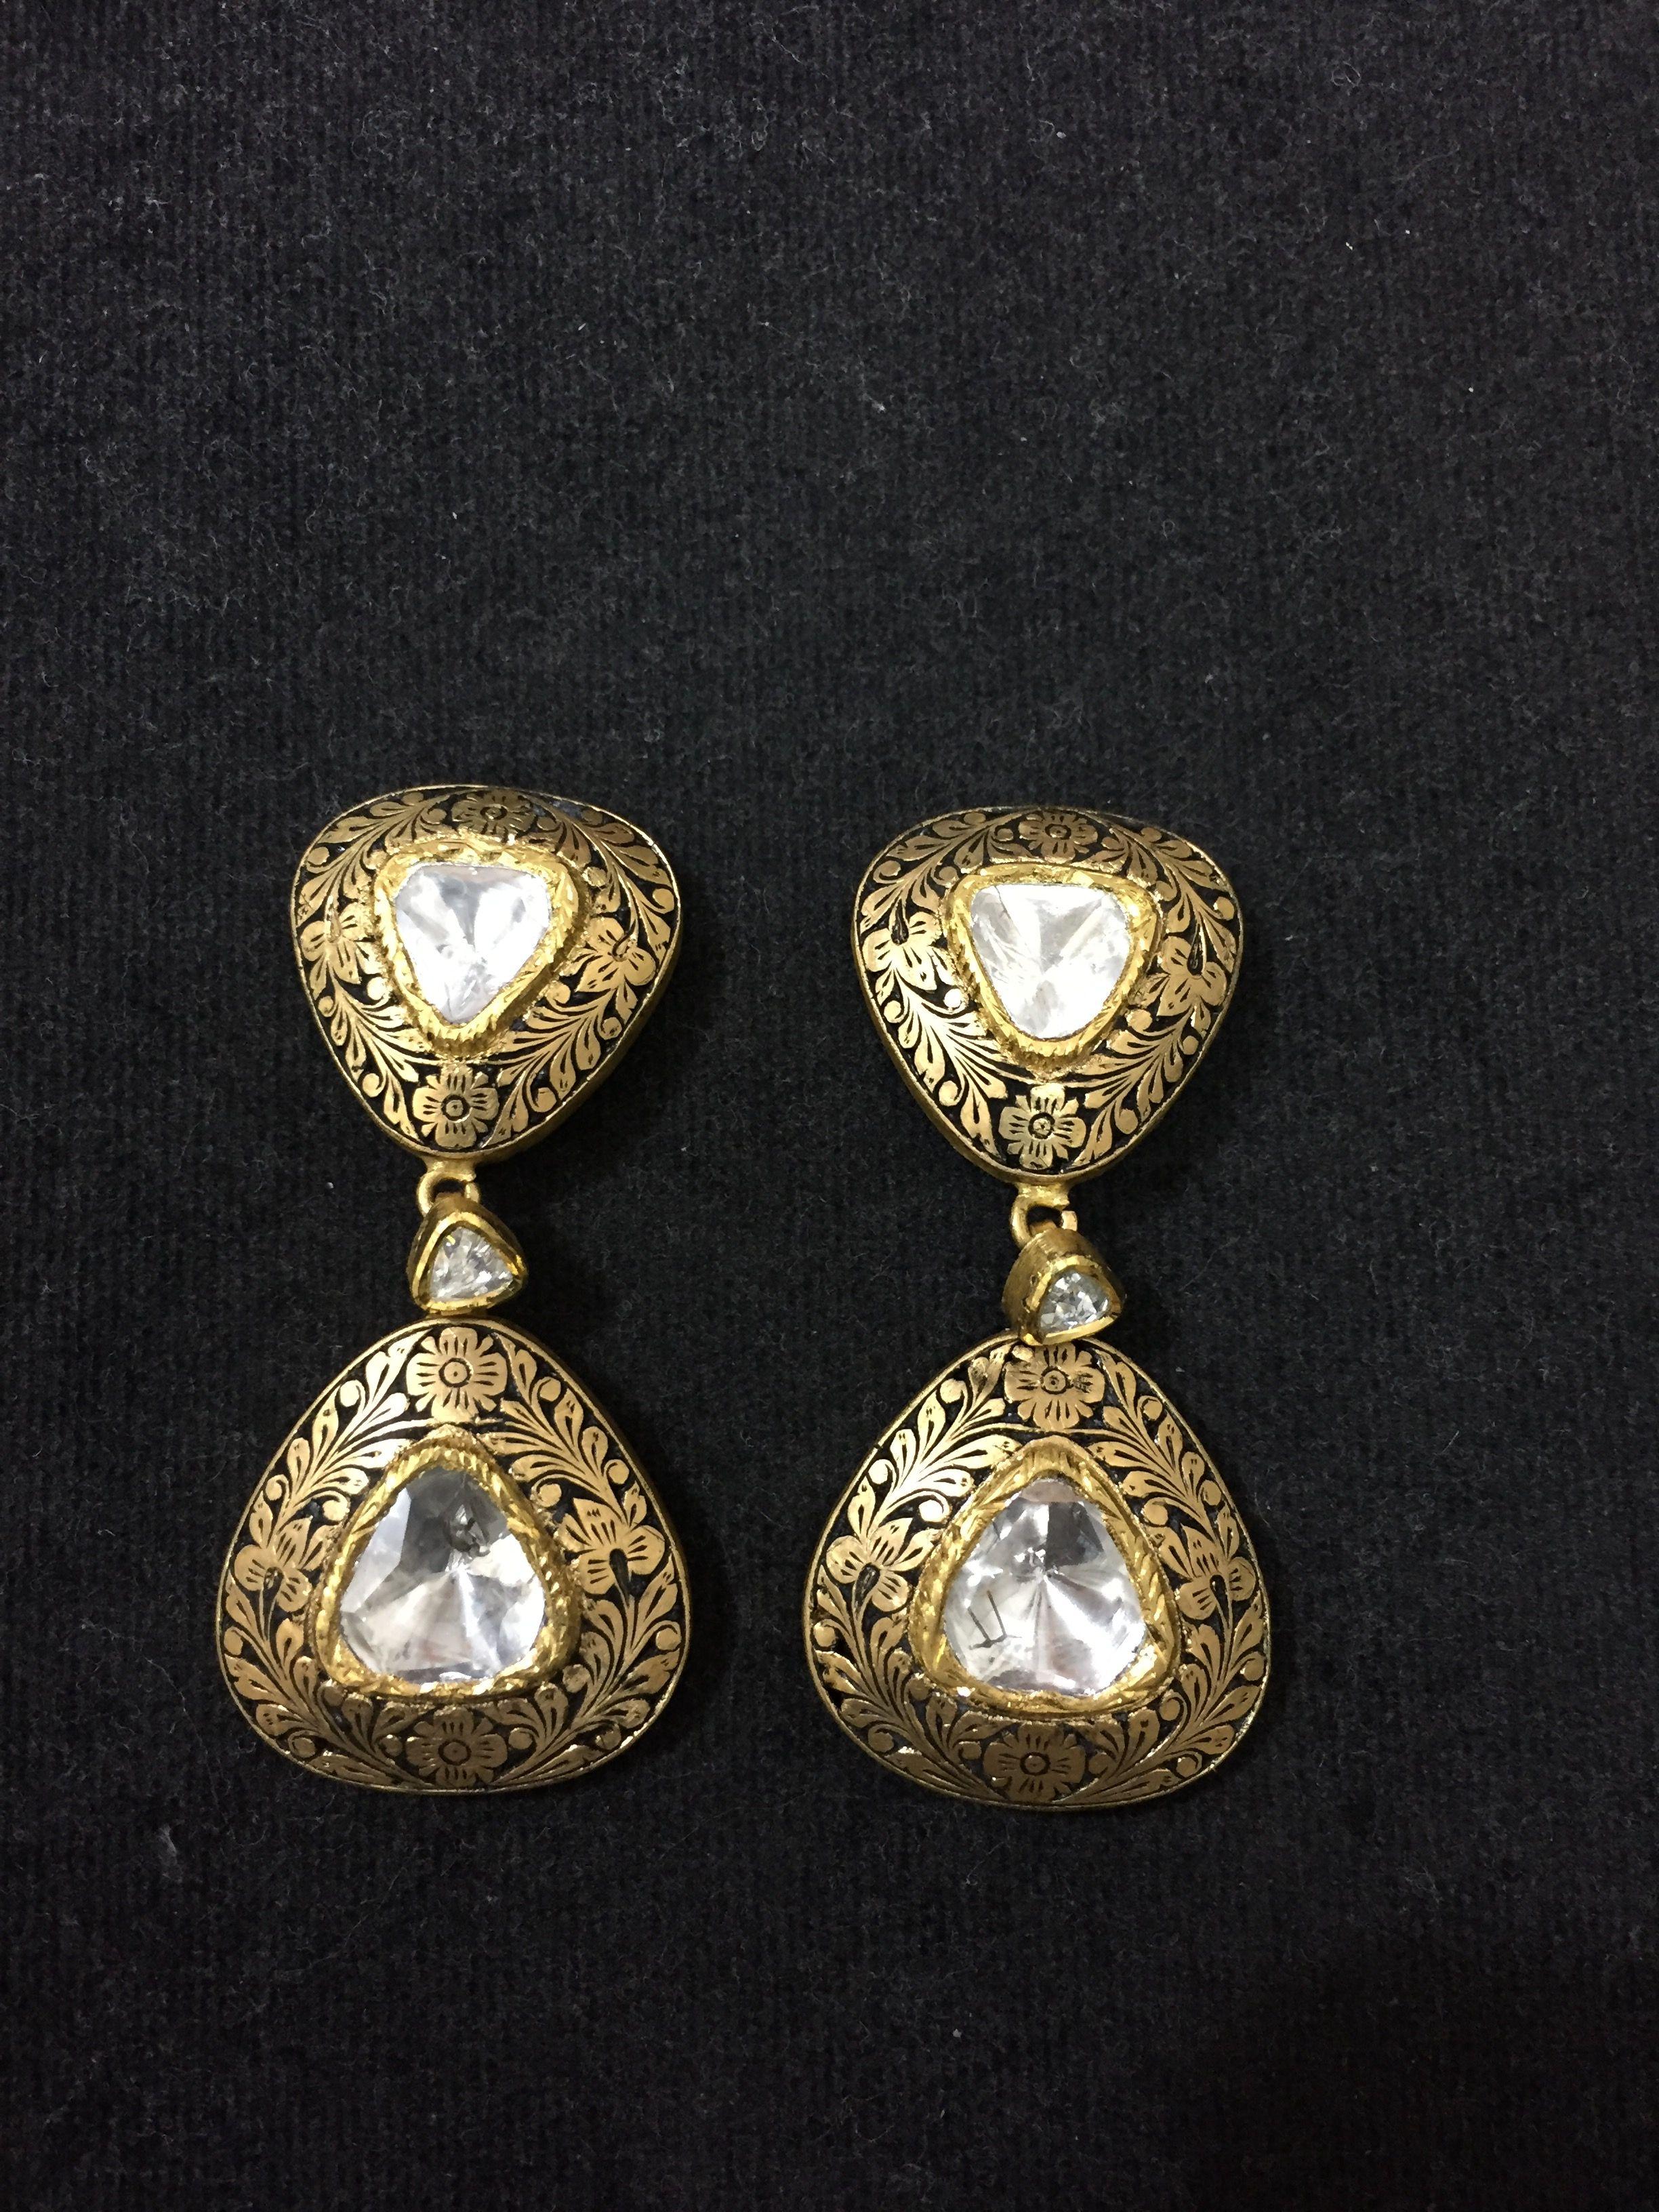 Partash work earings in polki diamonds | earings in 2019